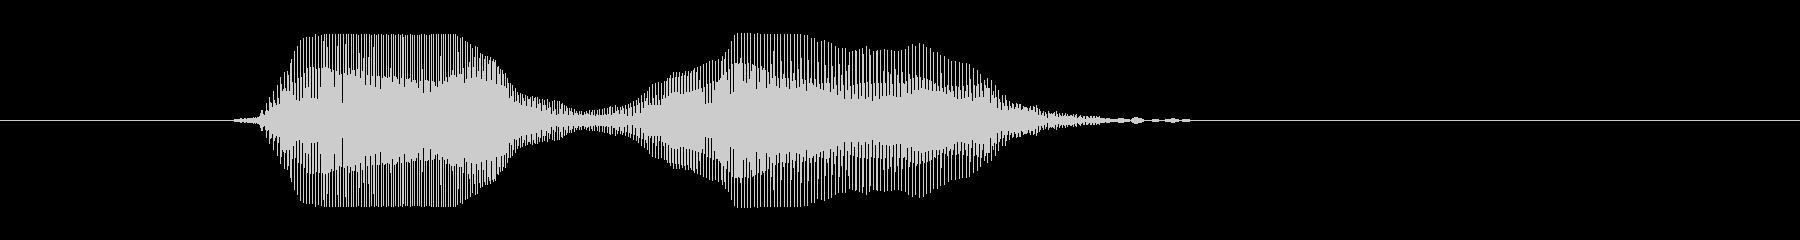 1 (女の子) バイバイ!の未再生の波形